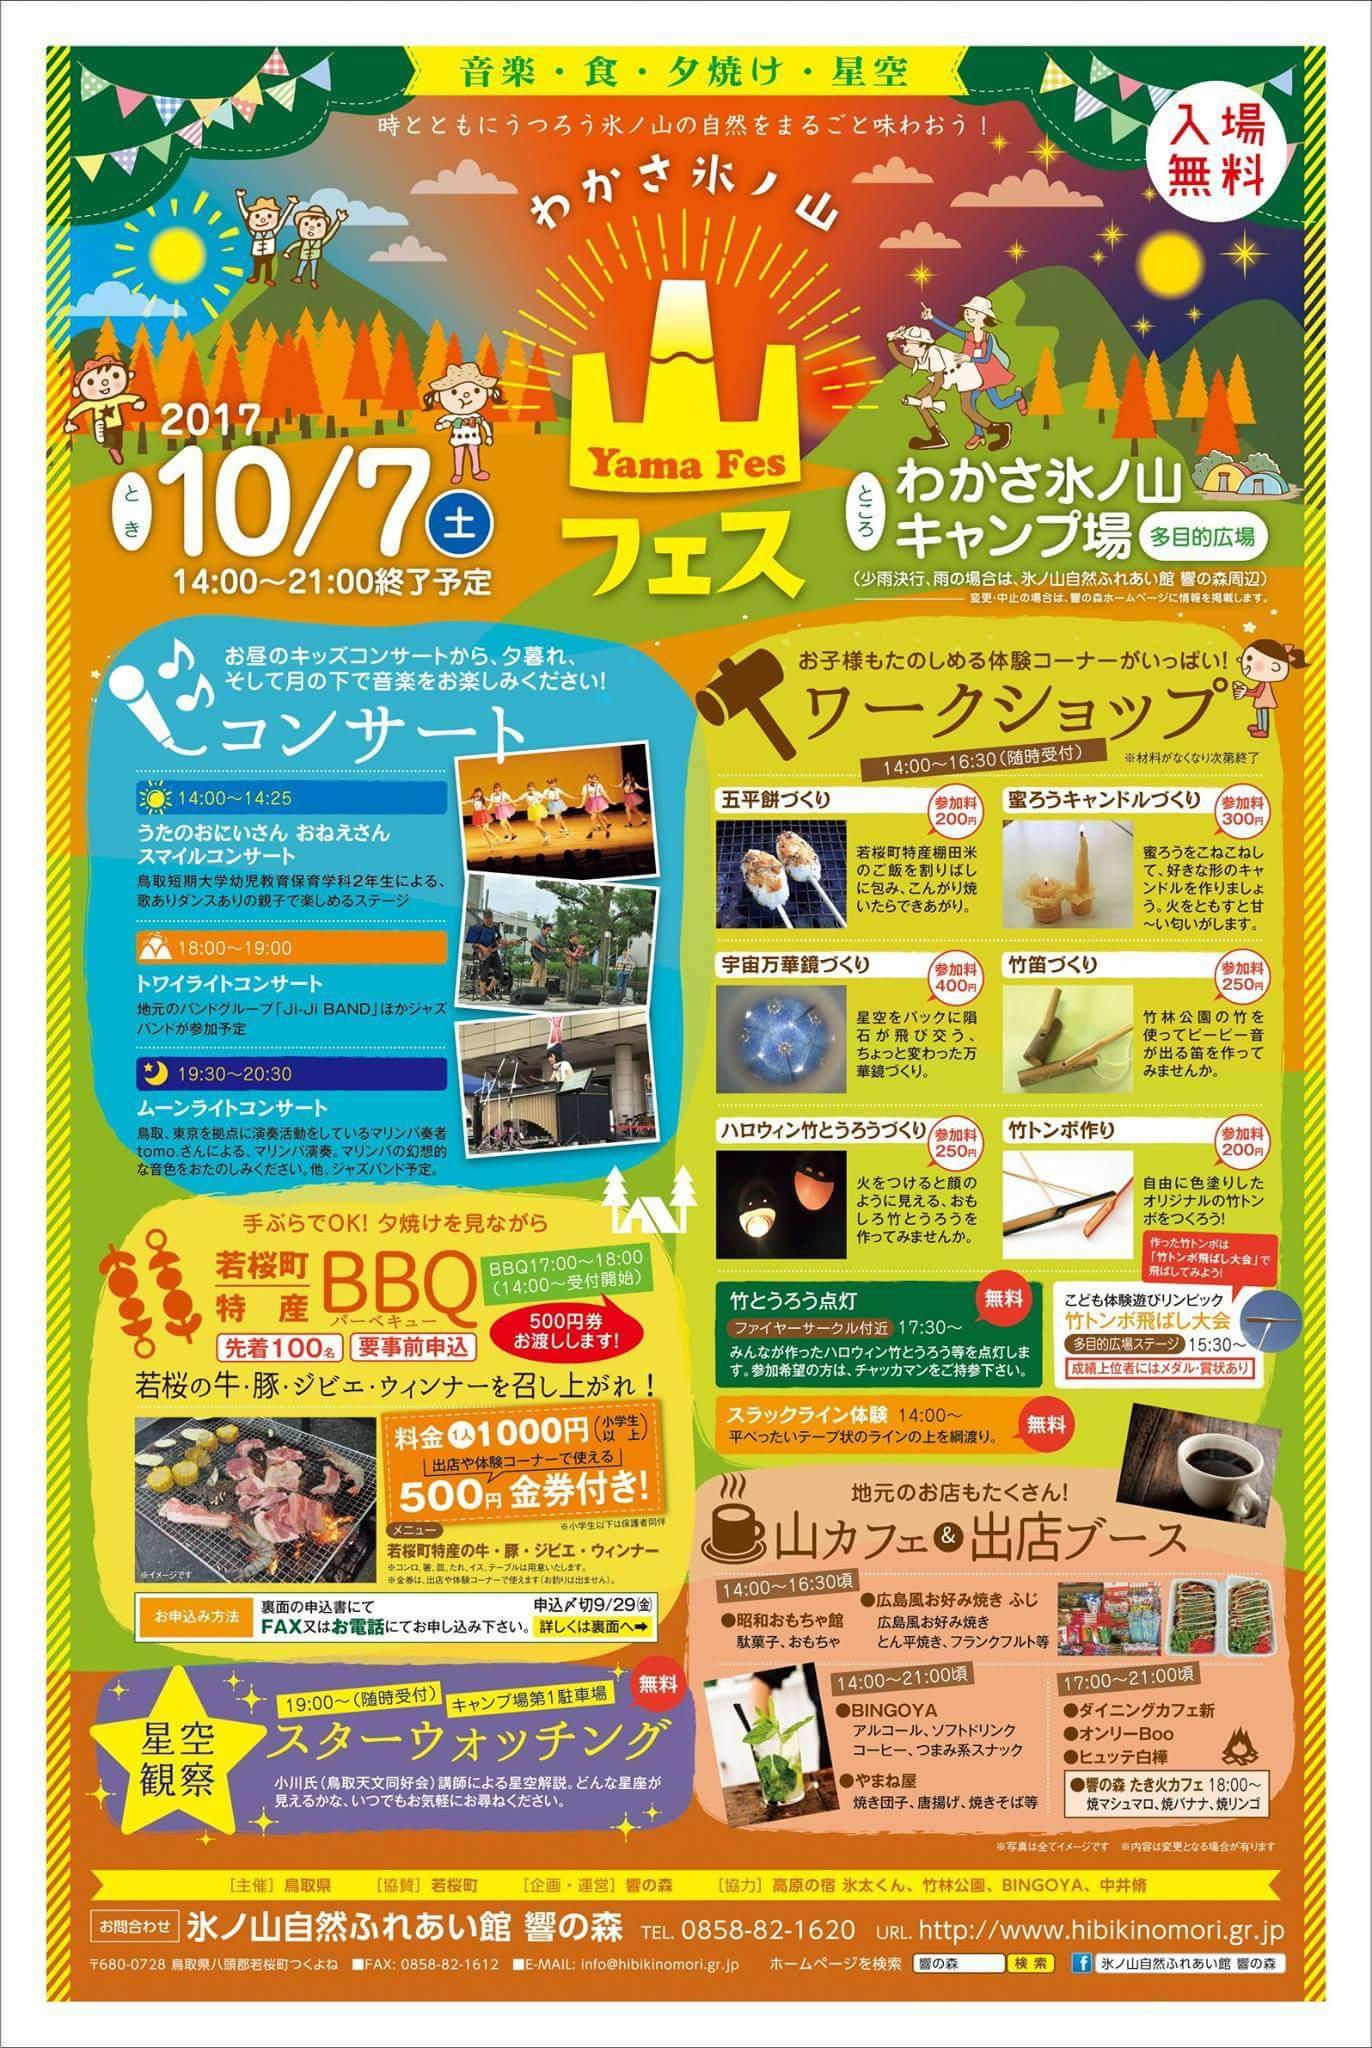 【山フェス】イベント情報!_f0101226_07161740.jpg